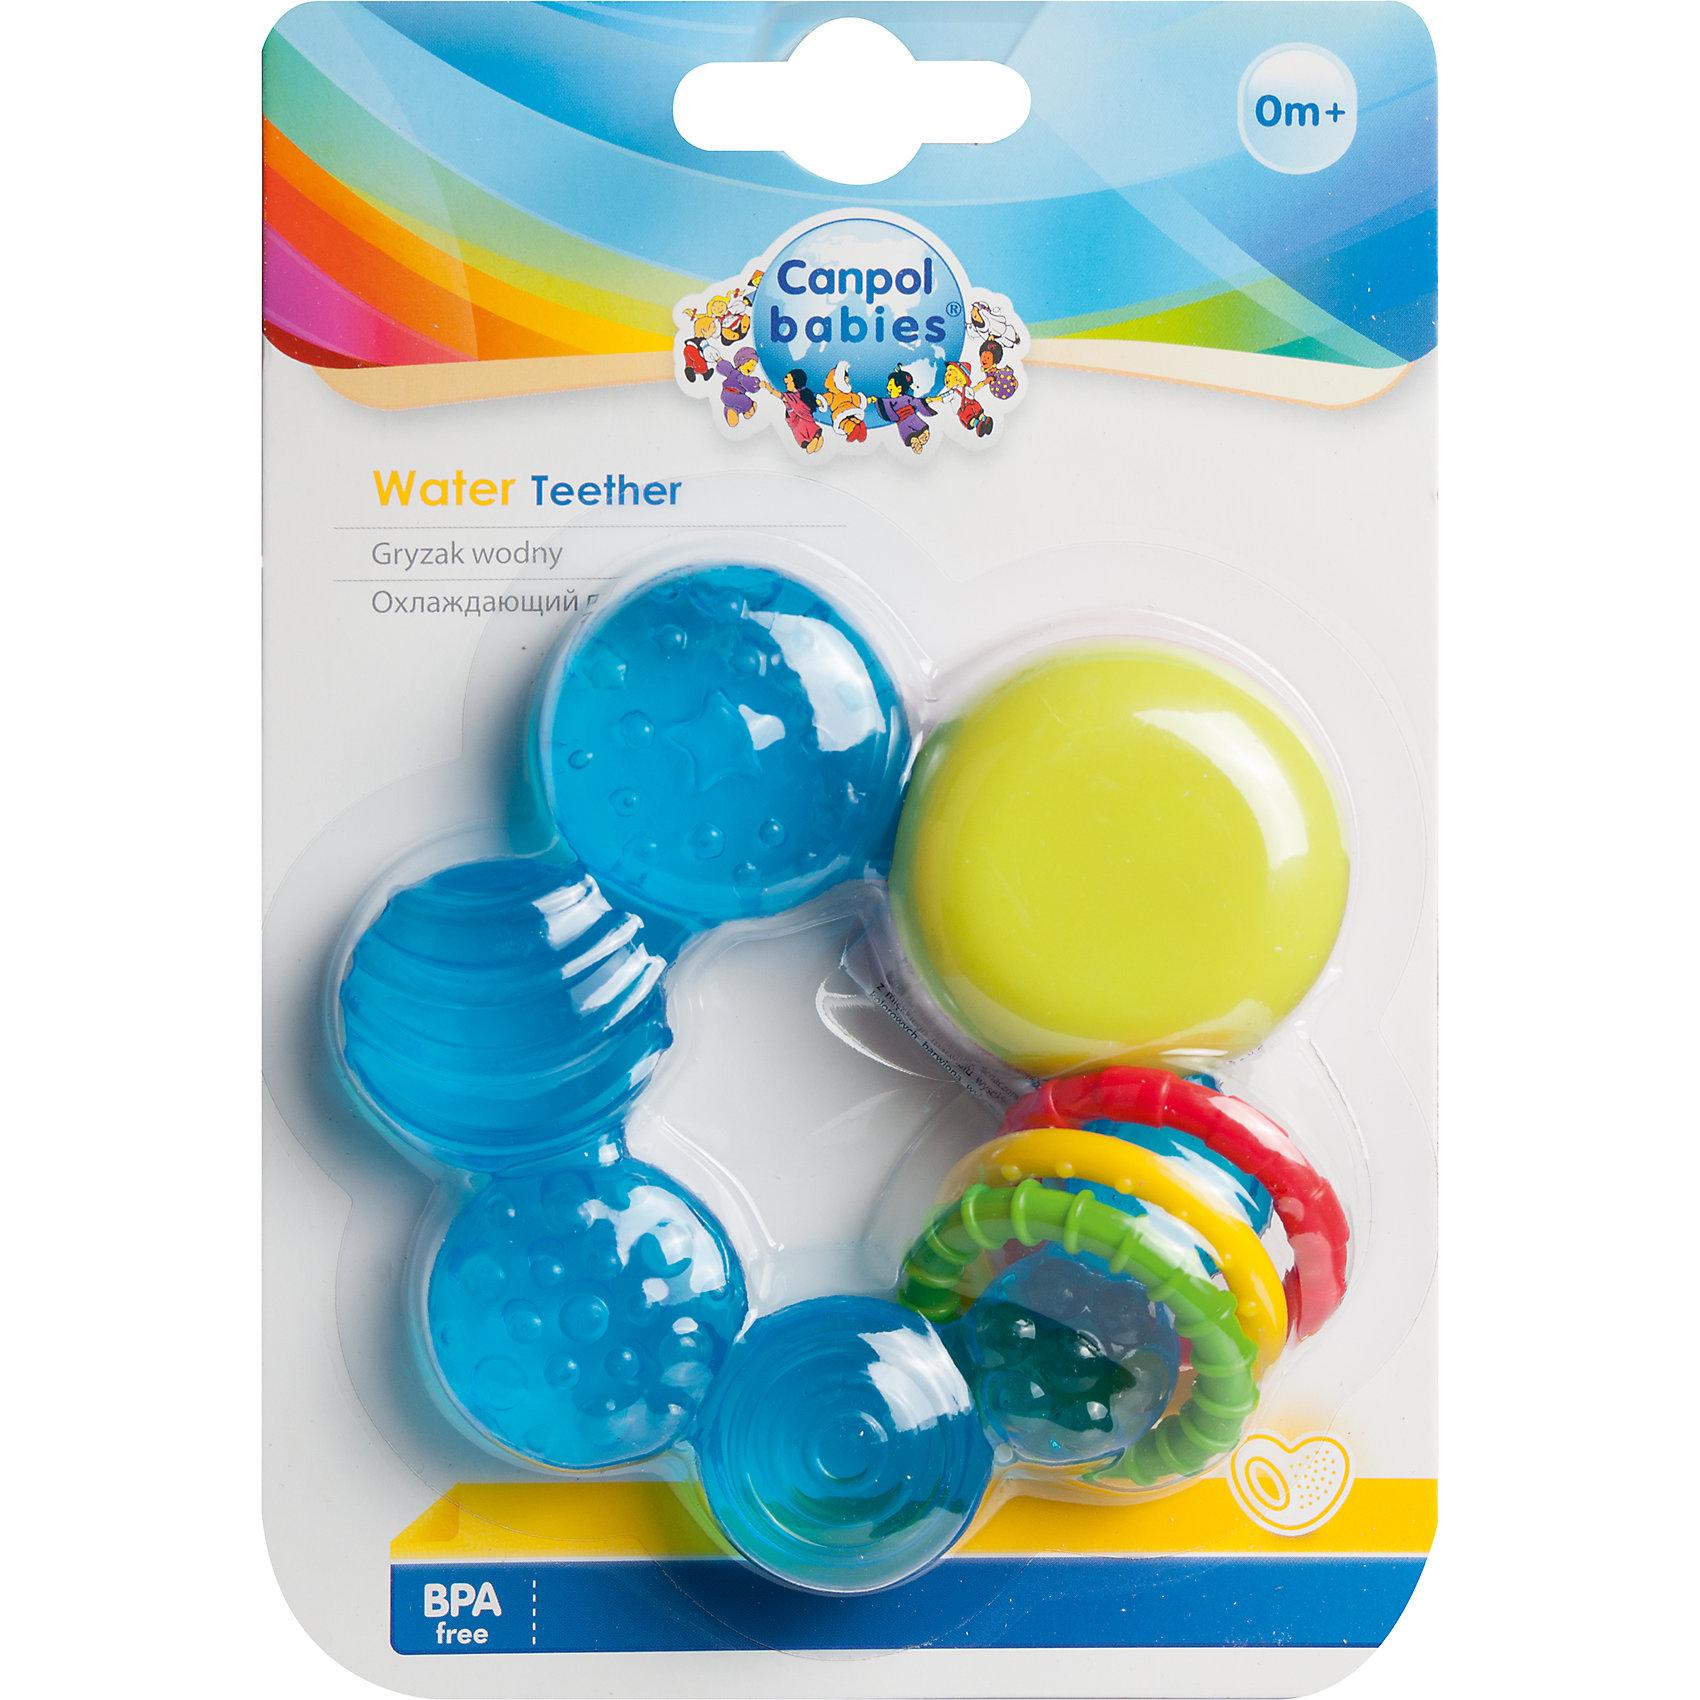 Прорезыватель водный охлаждающий Руль, 0+, Canpol Babies, синийПрорезыватели<br>Прорезыватель водный охлаждающий Руль, 0+, Canpol Babies, синий.<br><br>Характеристики:<br>• облегчает боль и снимает зуд<br>• изготовлен из безопасных материалов<br>• наполнен дистиллированной водой<br>• материал: нетоксичный пластик, вода<br>• размер упаковки: 3,2х18,4х12,7 см<br>• цвет: синий<br><br>Прорезыватель Руль изготовлен из мягкого нетоксичного материала и наполнен дистиллированной водой. Удобная форма прорезывателя позволит малышу самостоятельно держать игрушку и использовать ее в качестве погремушки. Положите прорезыватель в холодильник на несколько минут, и прохладная ребристая поверхность будет мягко массировать десны малыша, снимая зуд и болезненные ощущения. Этот прорезыватель станет лучшим помощником для малыша и родителей!<br><br>Прорезыватель водный охлаждающий Руль, 0+, Canpol Babies, синий вы можете купить в нашем интернет-магазине.<br><br>Ширина мм: 127<br>Глубина мм: 32<br>Высота мм: 184<br>Вес г: 670<br>Возраст от месяцев: 0<br>Возраст до месяцев: 12<br>Пол: Мужской<br>Возраст: Детский<br>SKU: 5156710